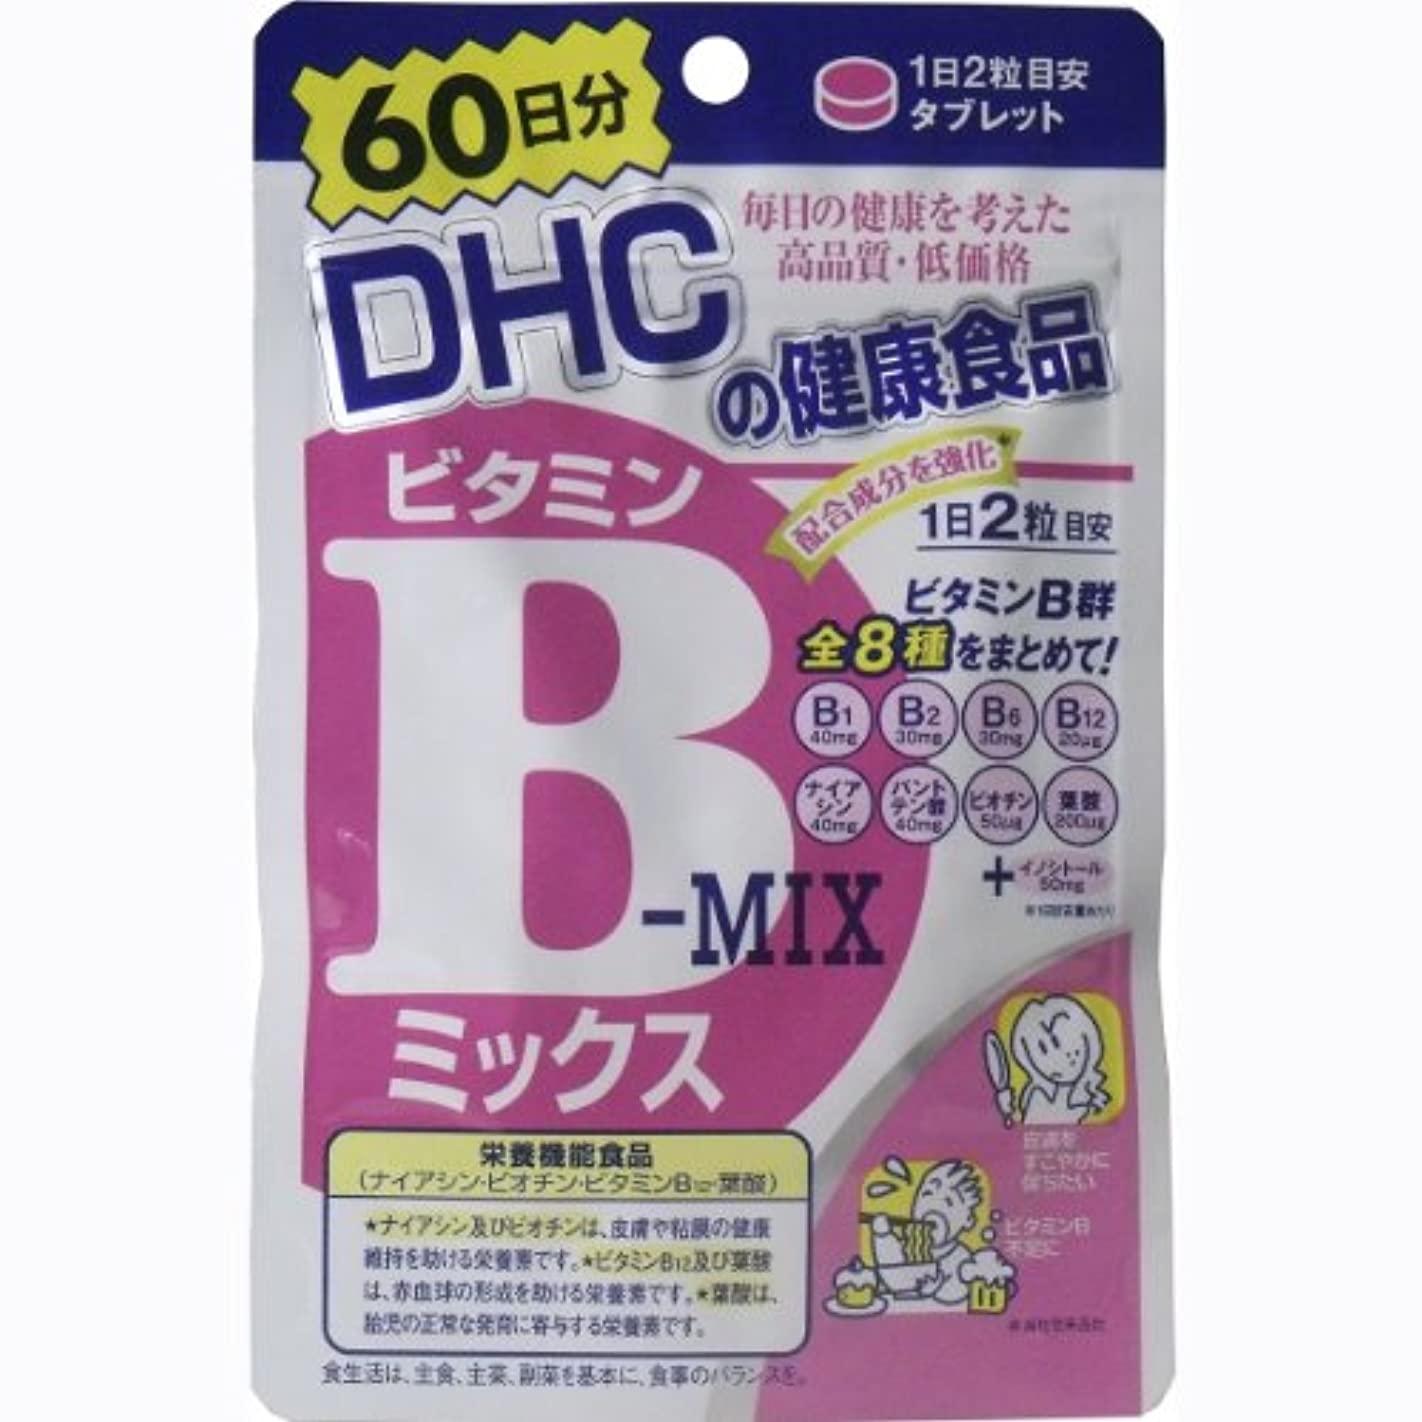 絶滅トレイル喜劇DHC ビタミンBミックス 120粒 60日分 ×5個セット